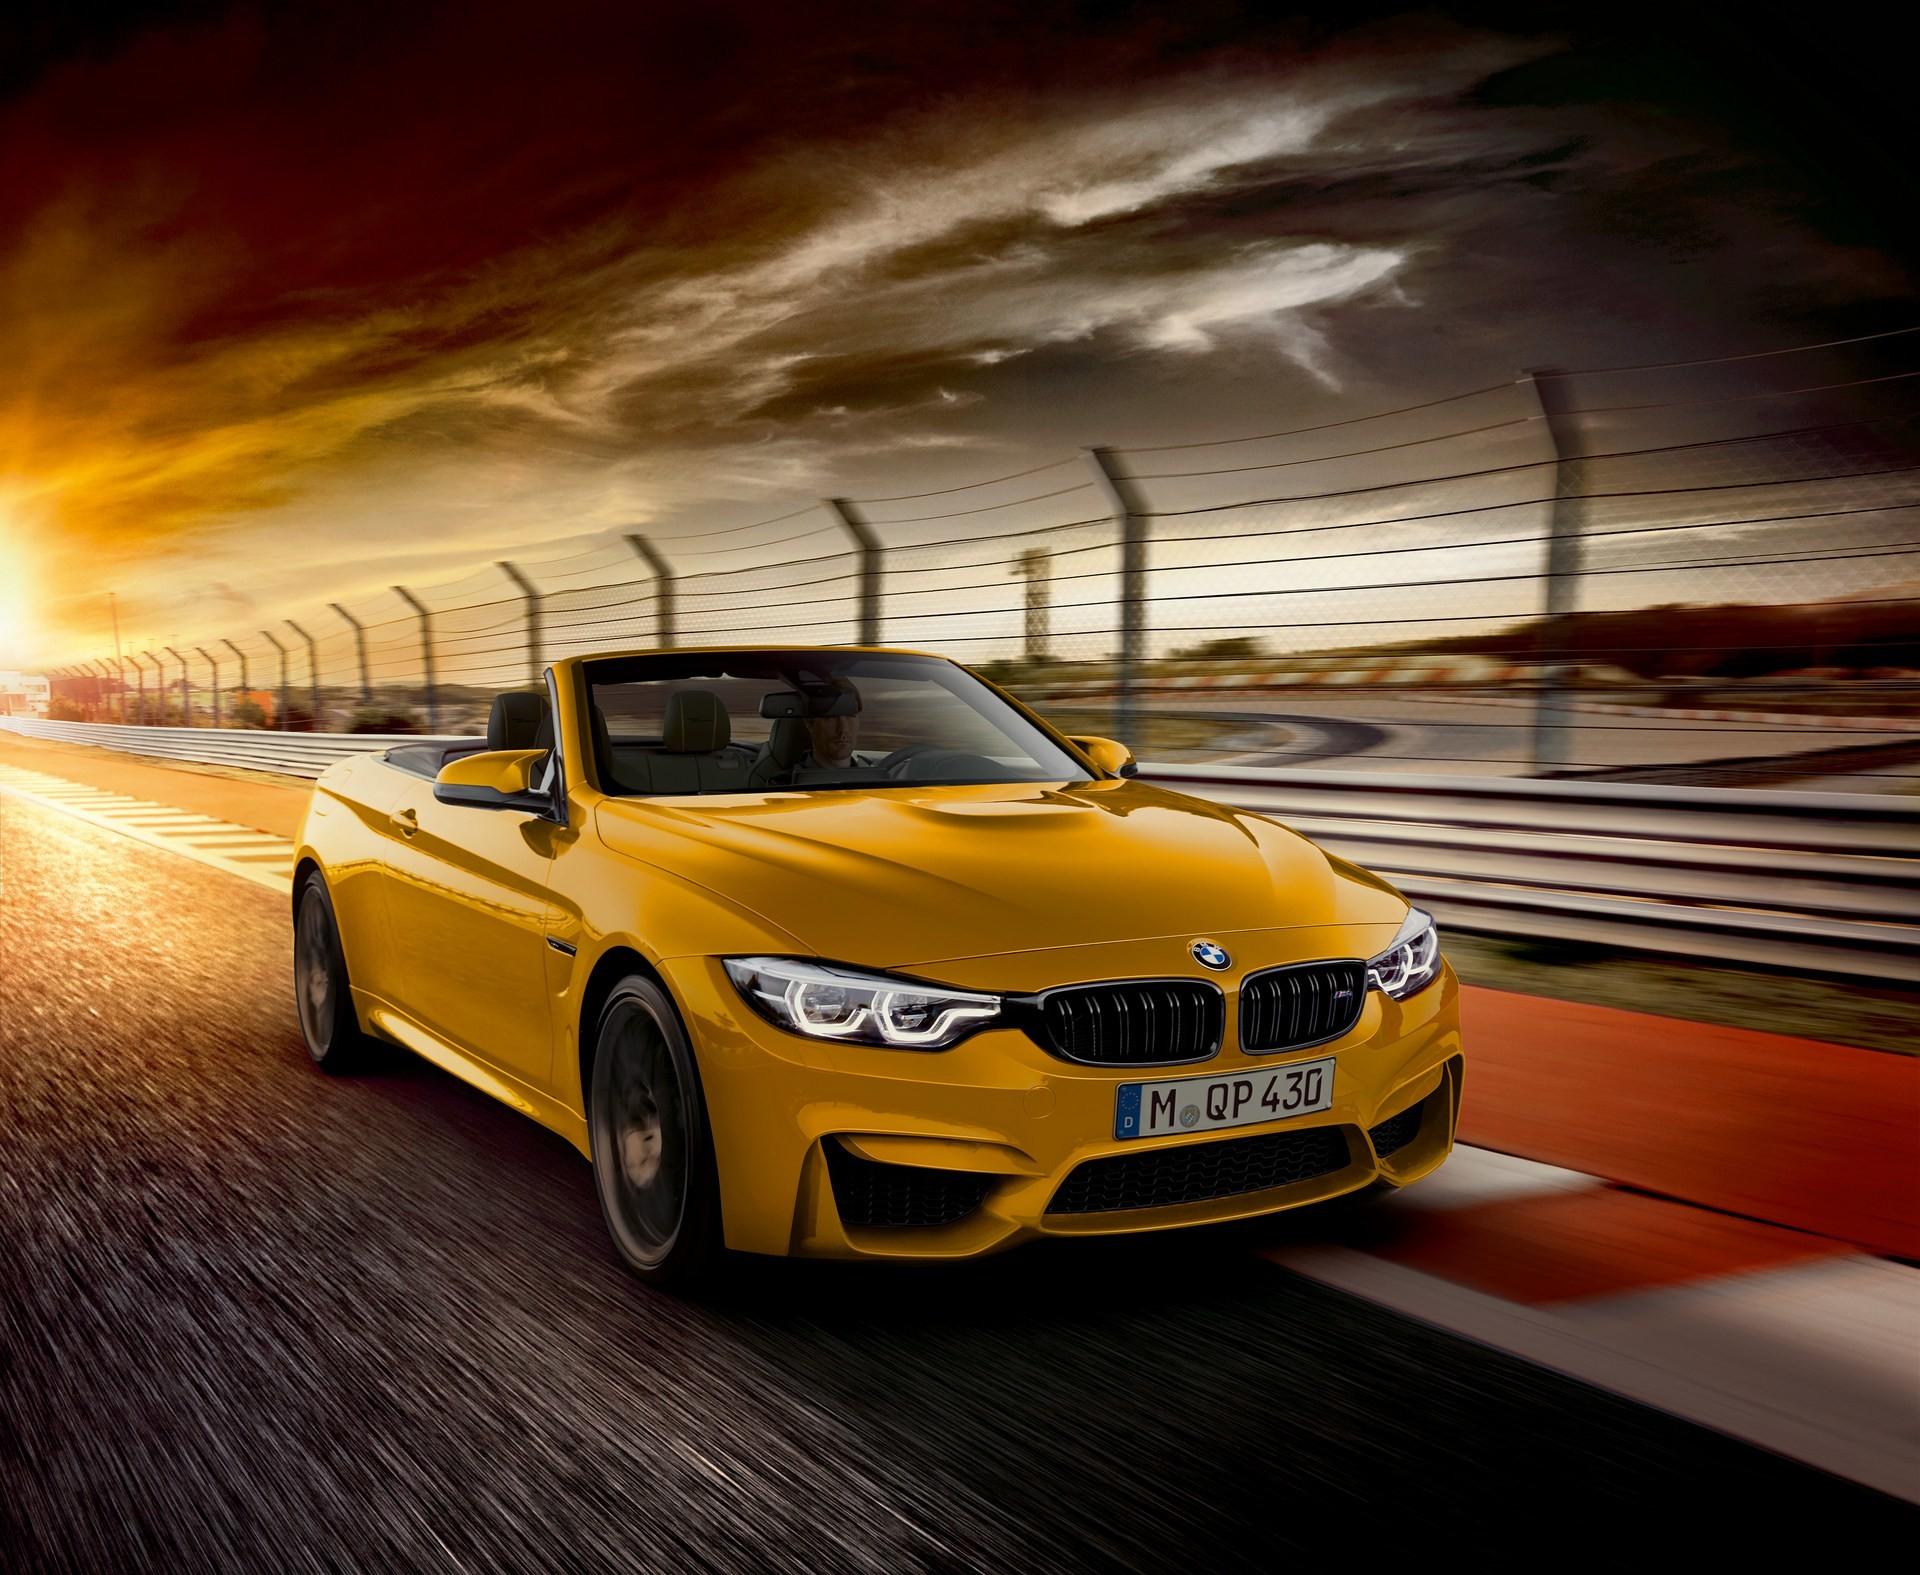 Foto de BMW M4 Convertible 30 Jahre (1/14)